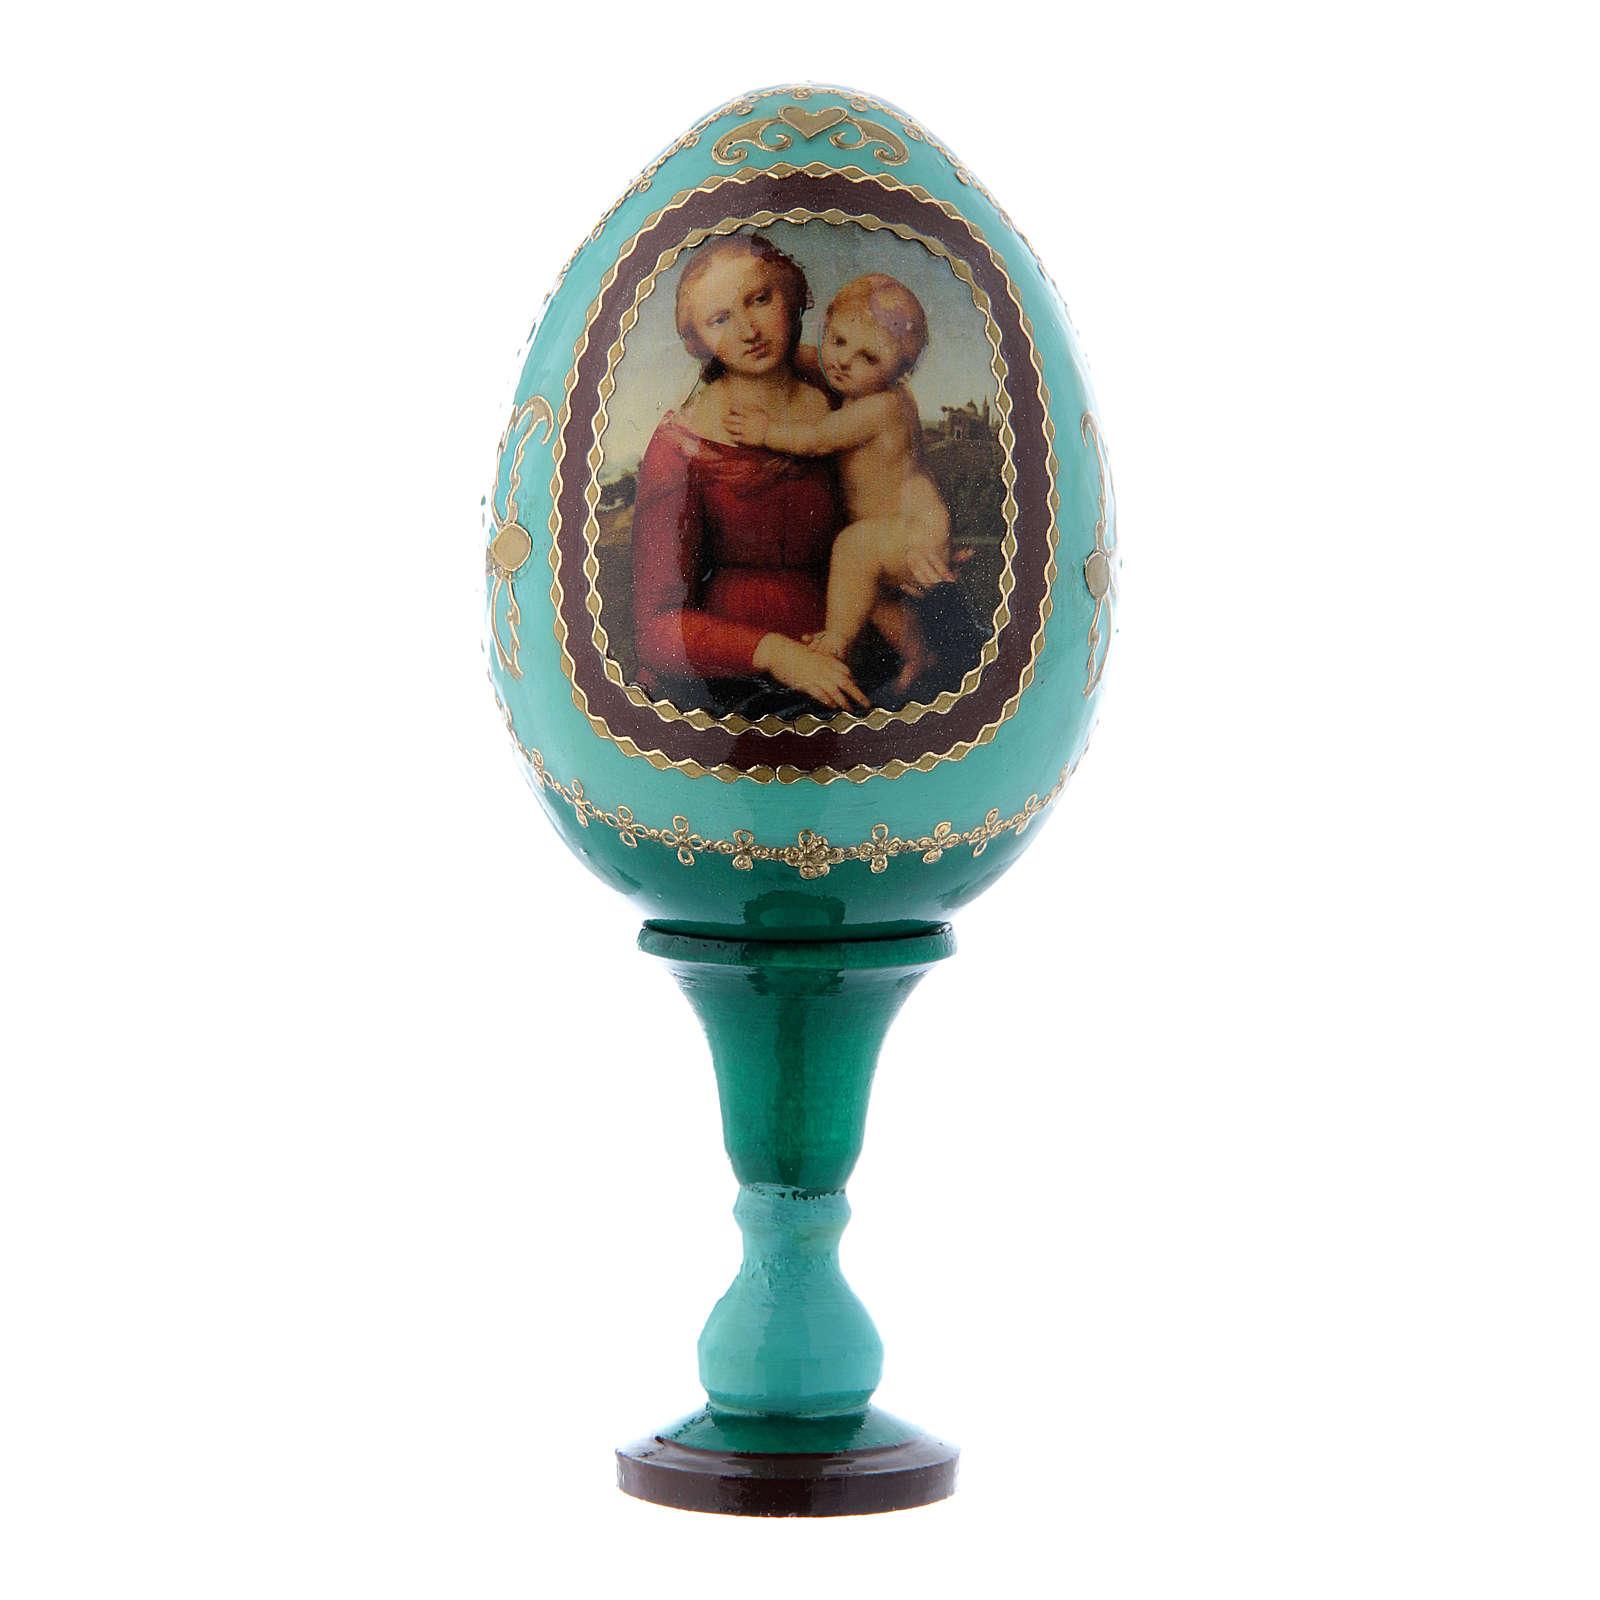 Uovo La Piccola Madonna Cowper verde russo decorato a mano h tot 13 cm 4